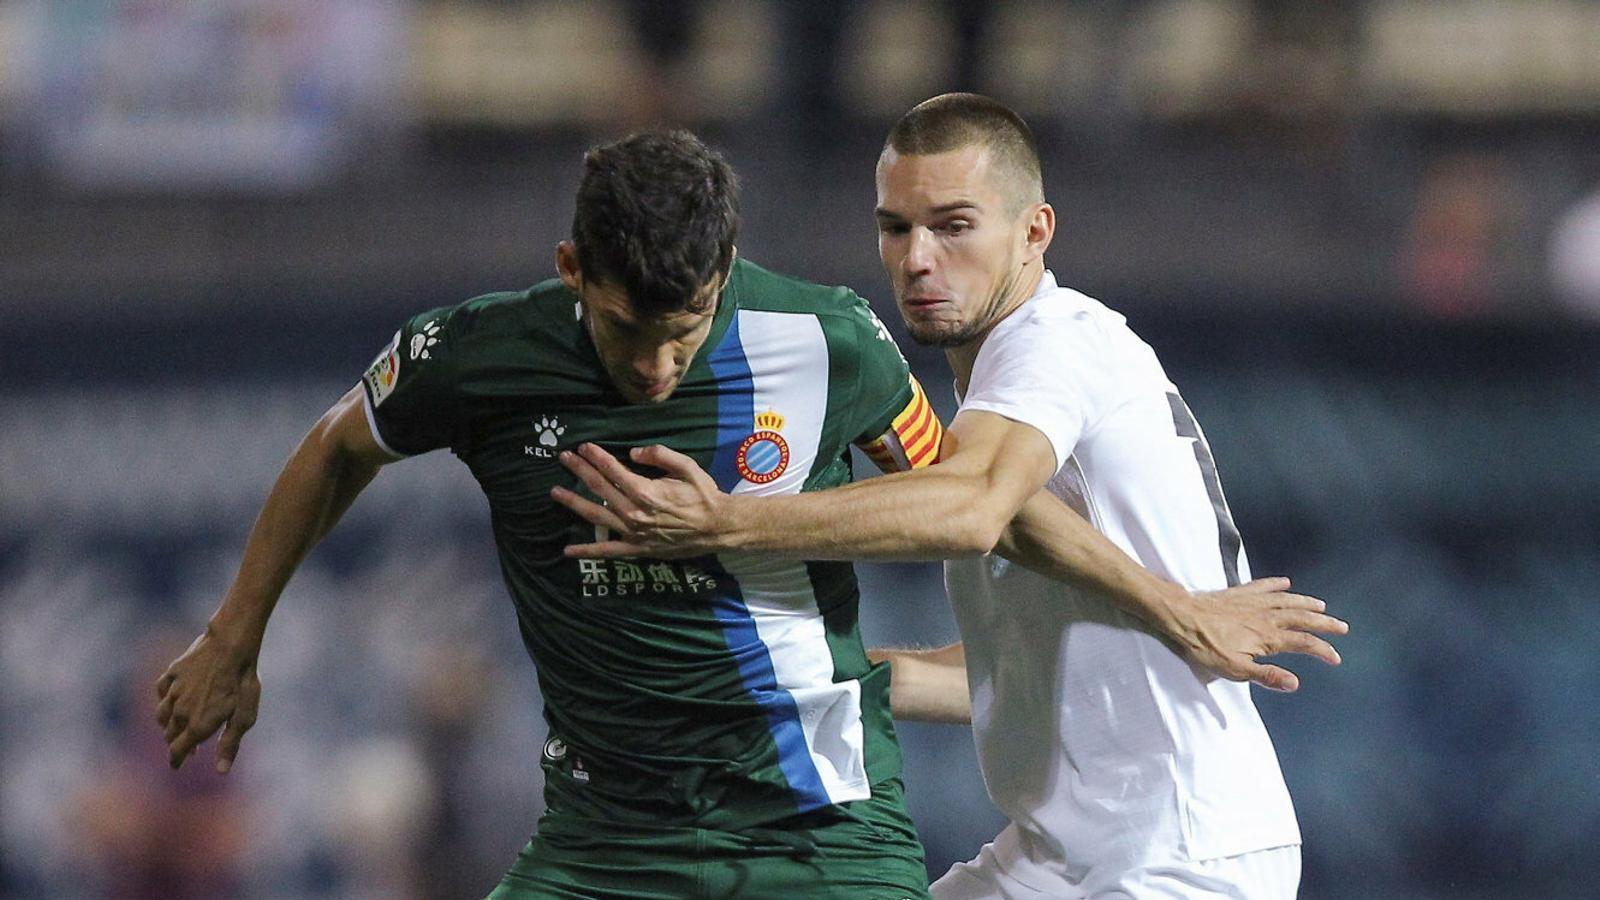 El capità de l'Espanyol, Javi López, conduint la pilota davant la pressió del futbolista del Zoryà Bogdan Mikhailitxenko.